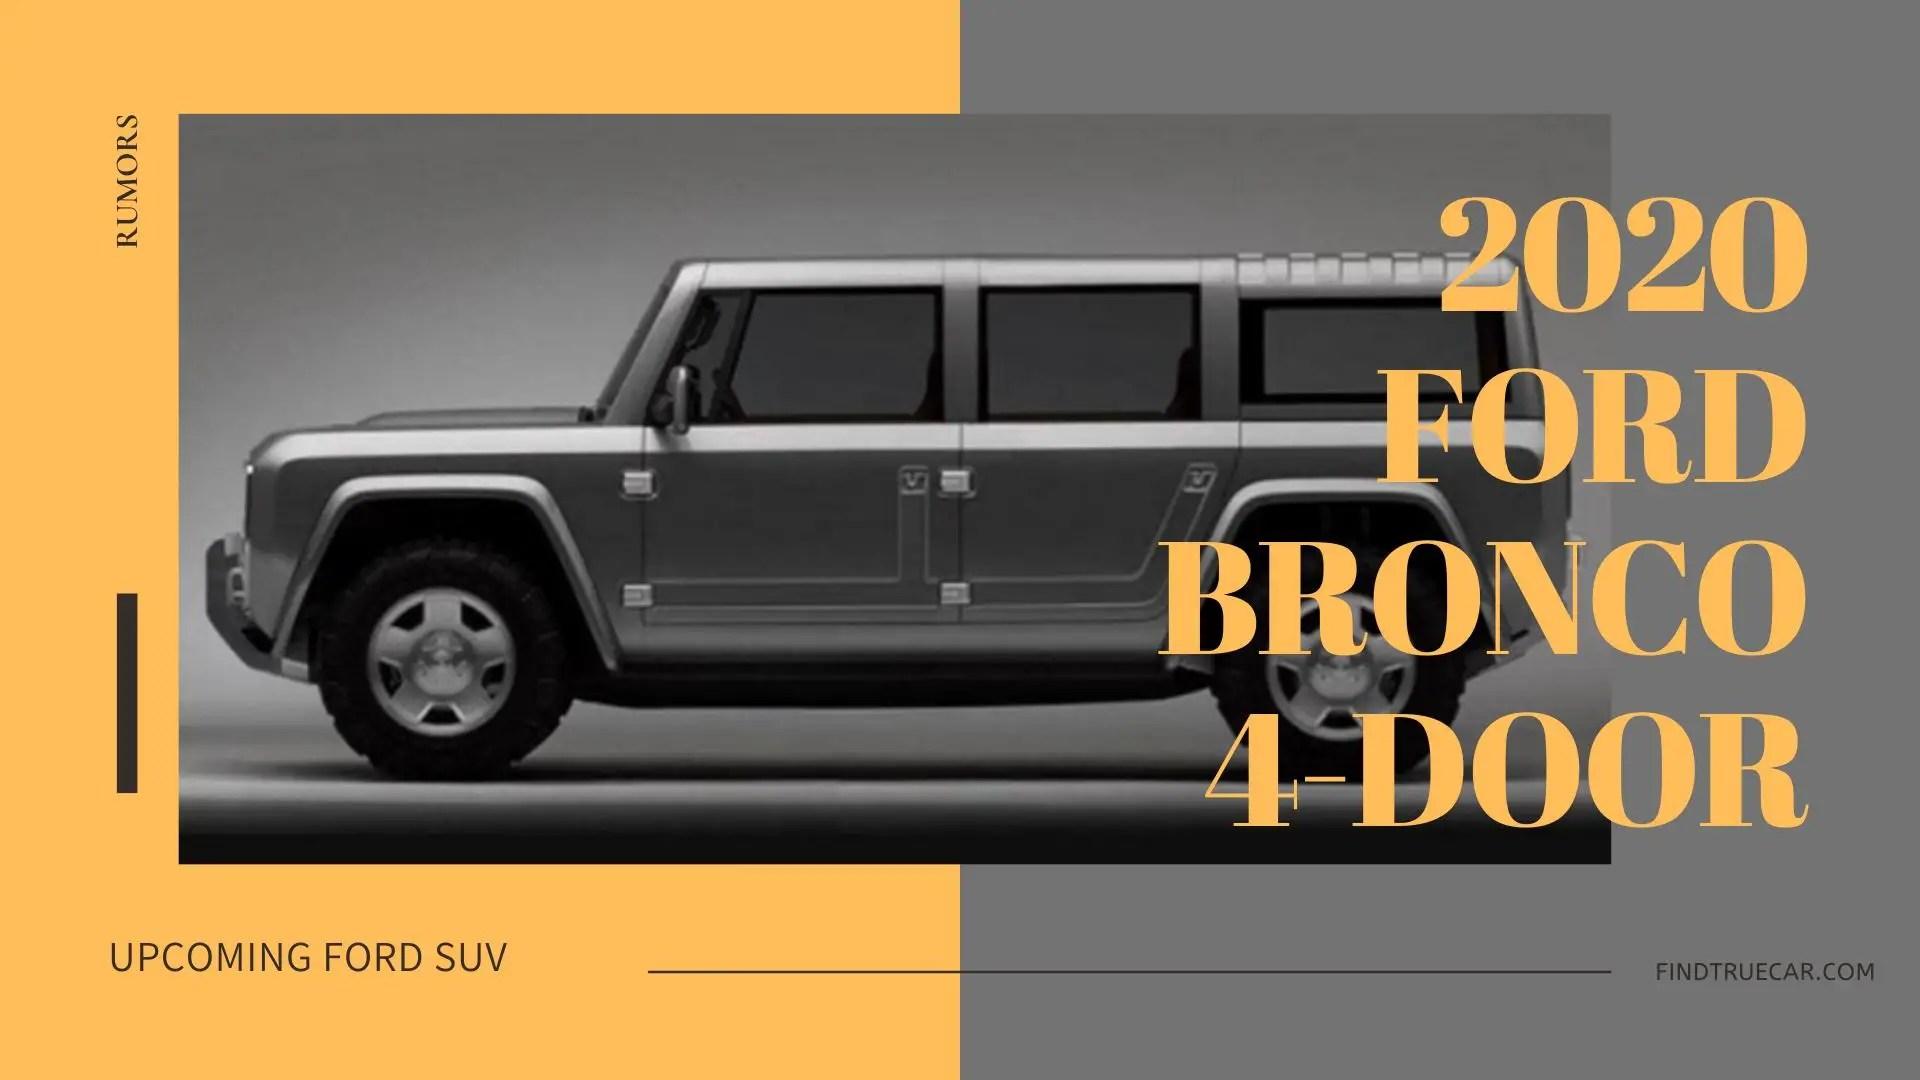 2020 Ford Bronco 4-Door Rumors